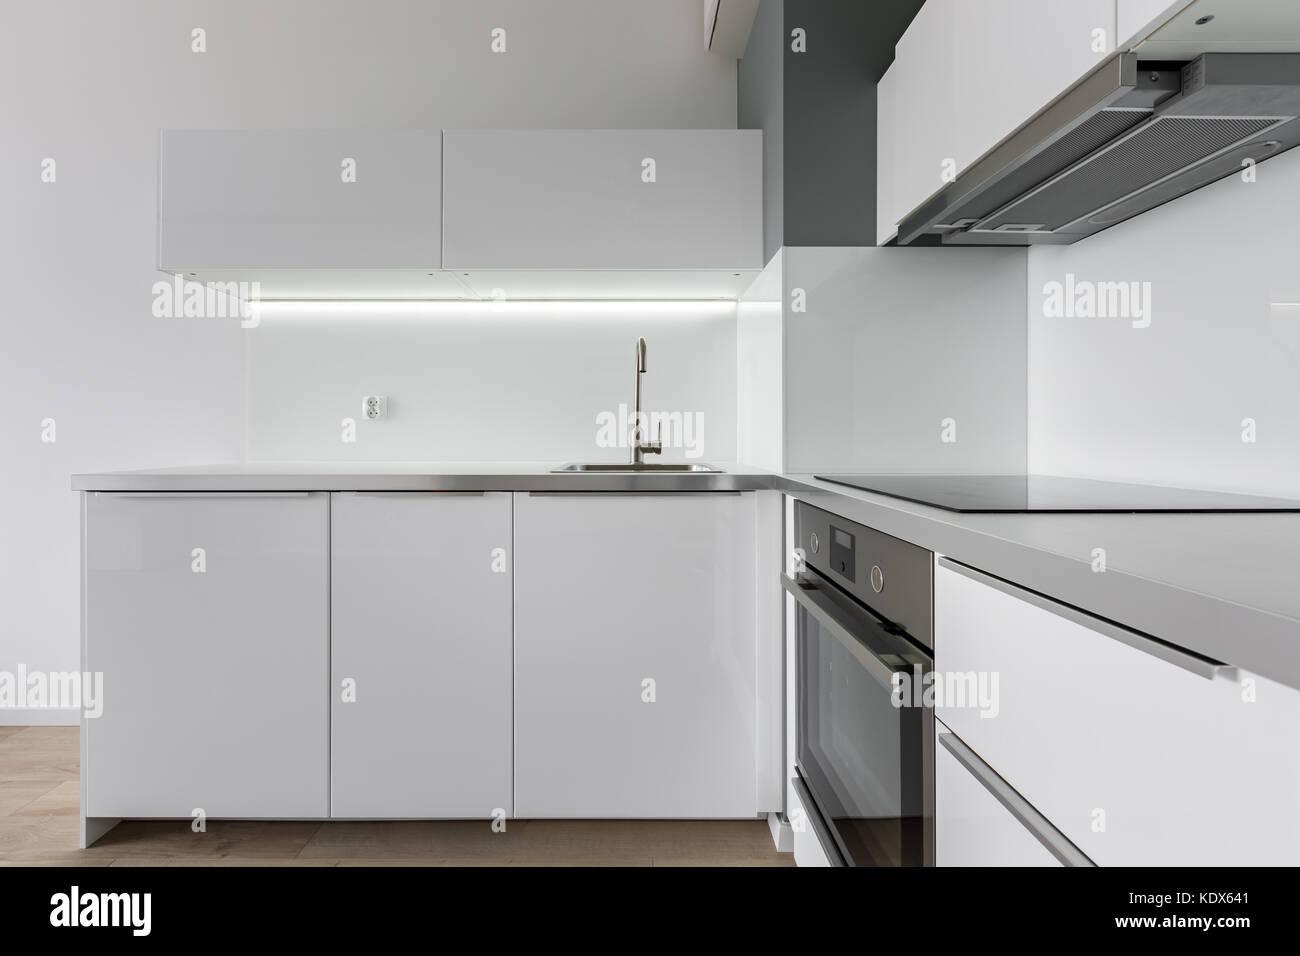 Cucina moderna con mobili bianchi, piano di lavoro, lavello ...